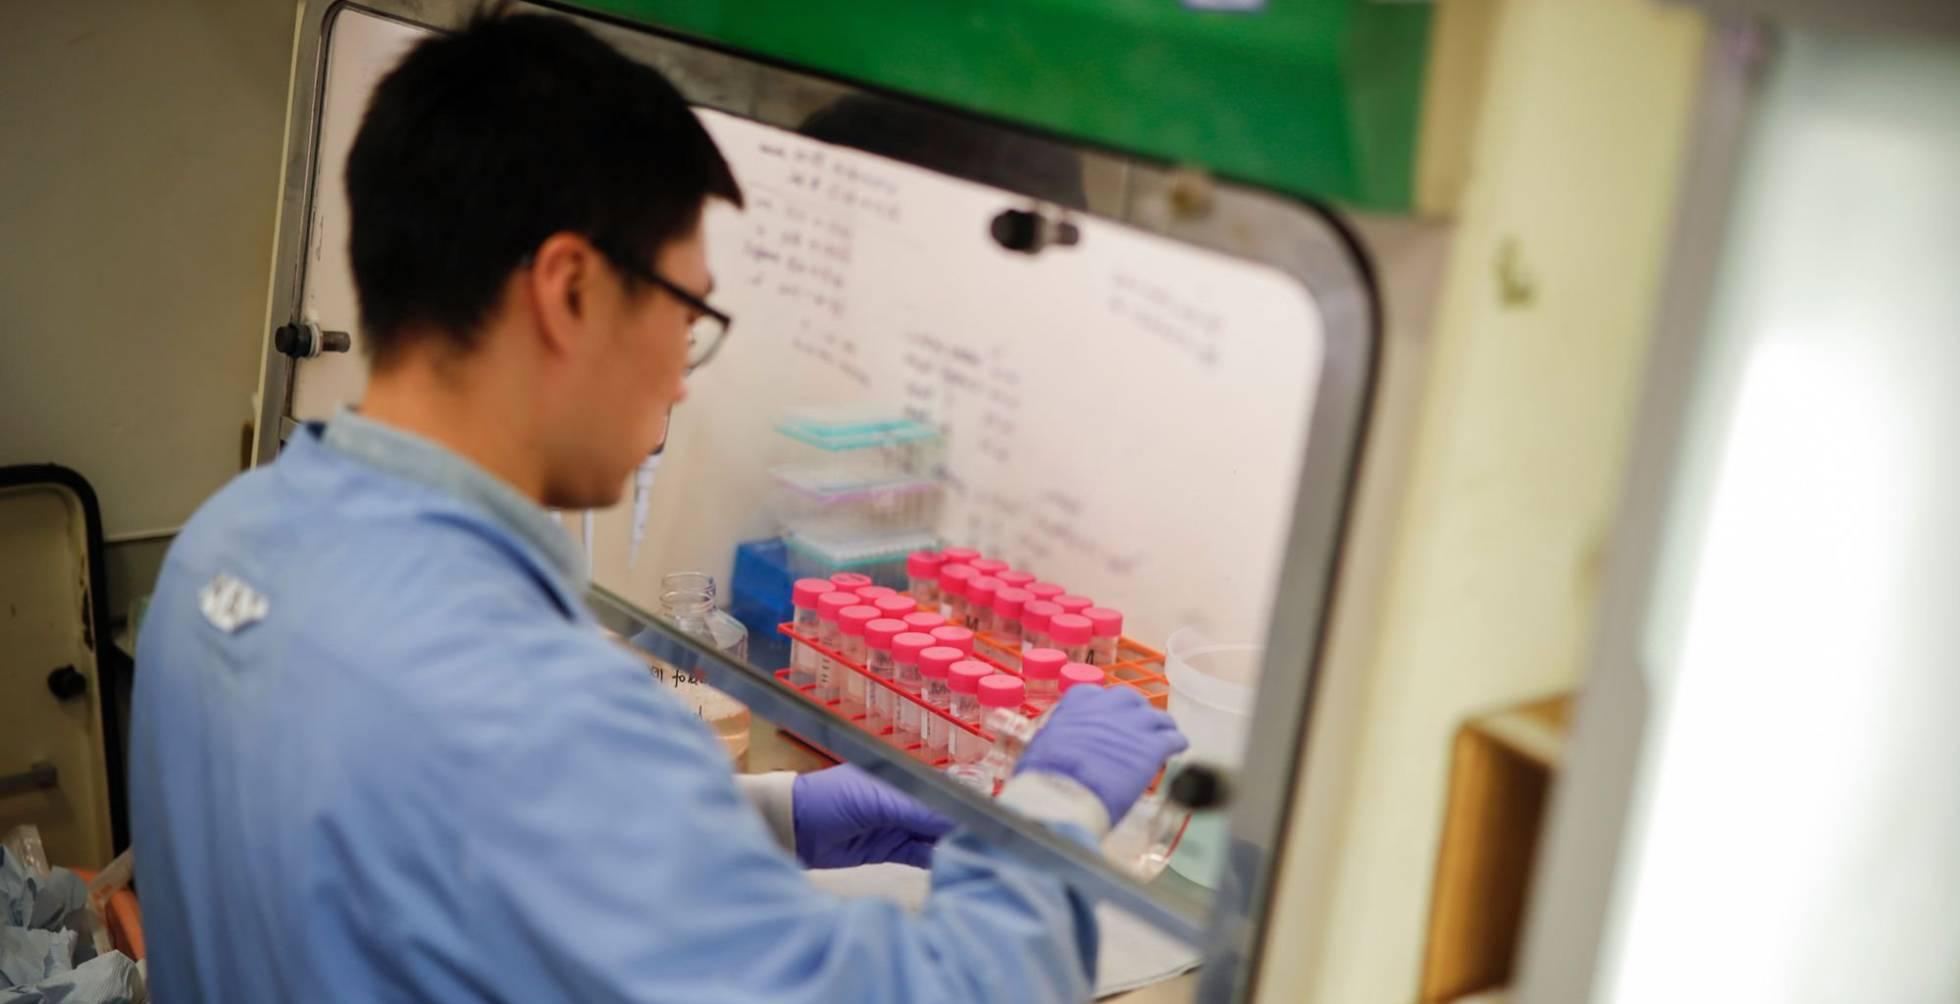 Preparación y control de la enfermedad por coronavirus 2019 (COVID-19) en América Latina